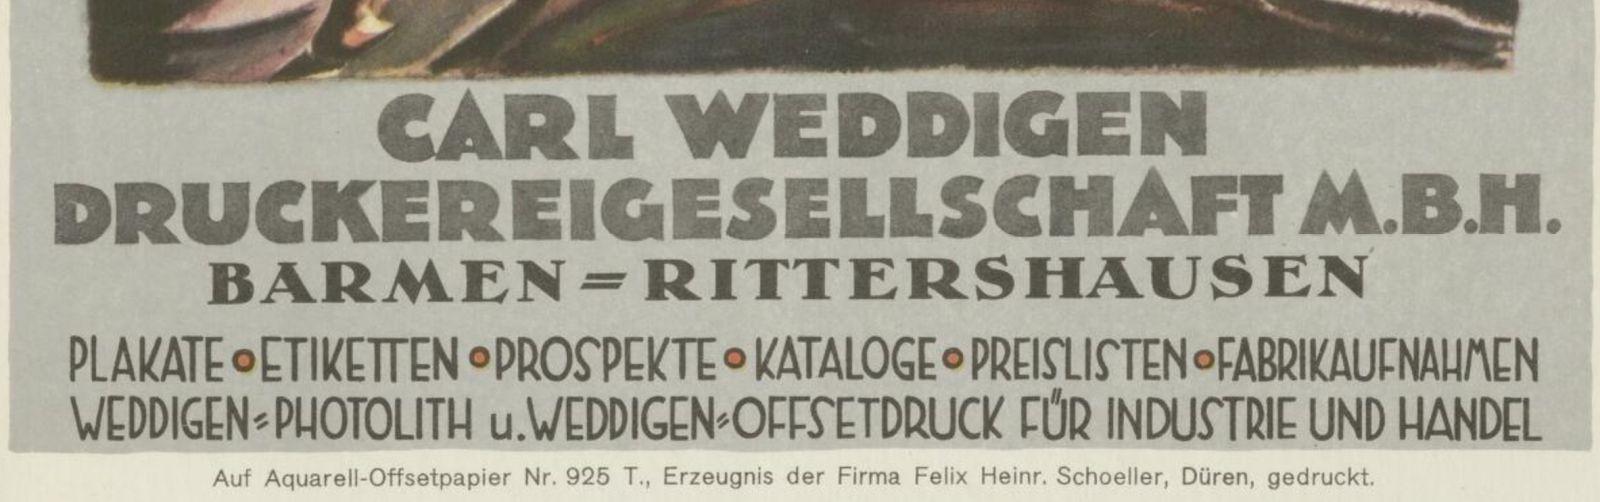 poster by Germain, Düsseldorf